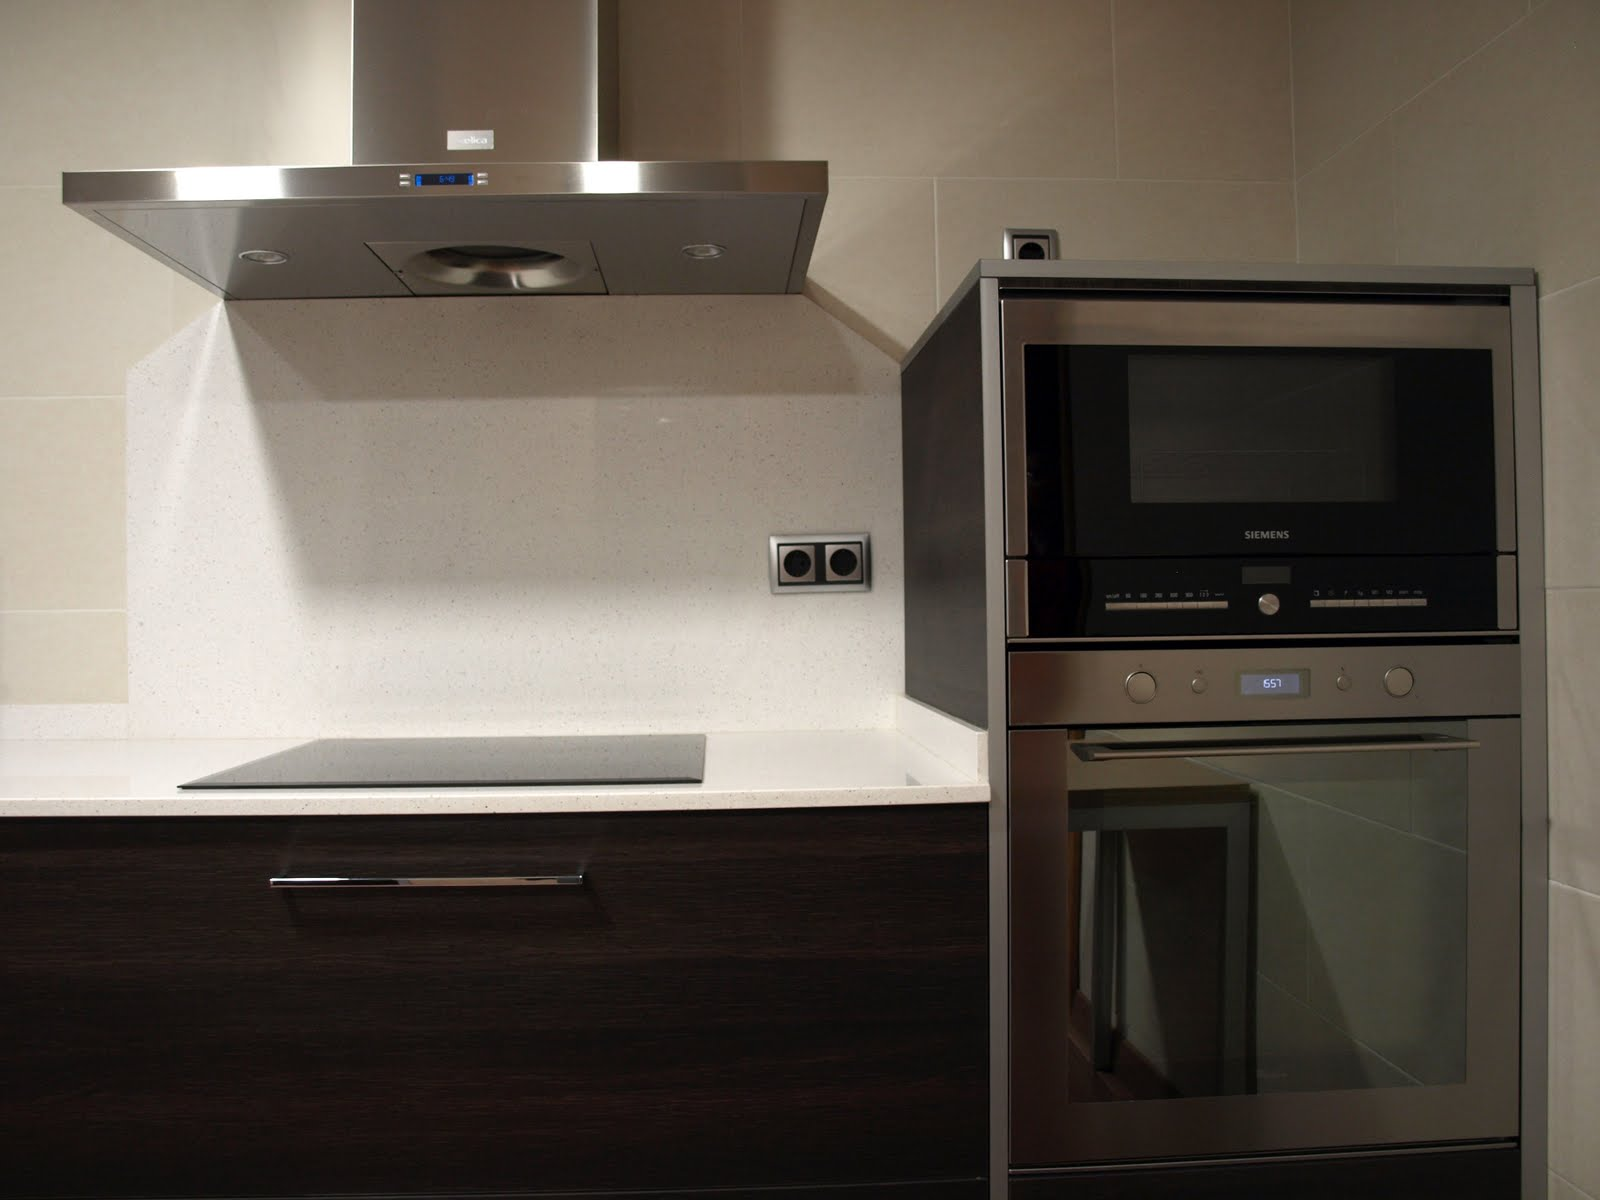 Espai decuina ripollet barcelona proyecto cocina - Cocina en microondas ...